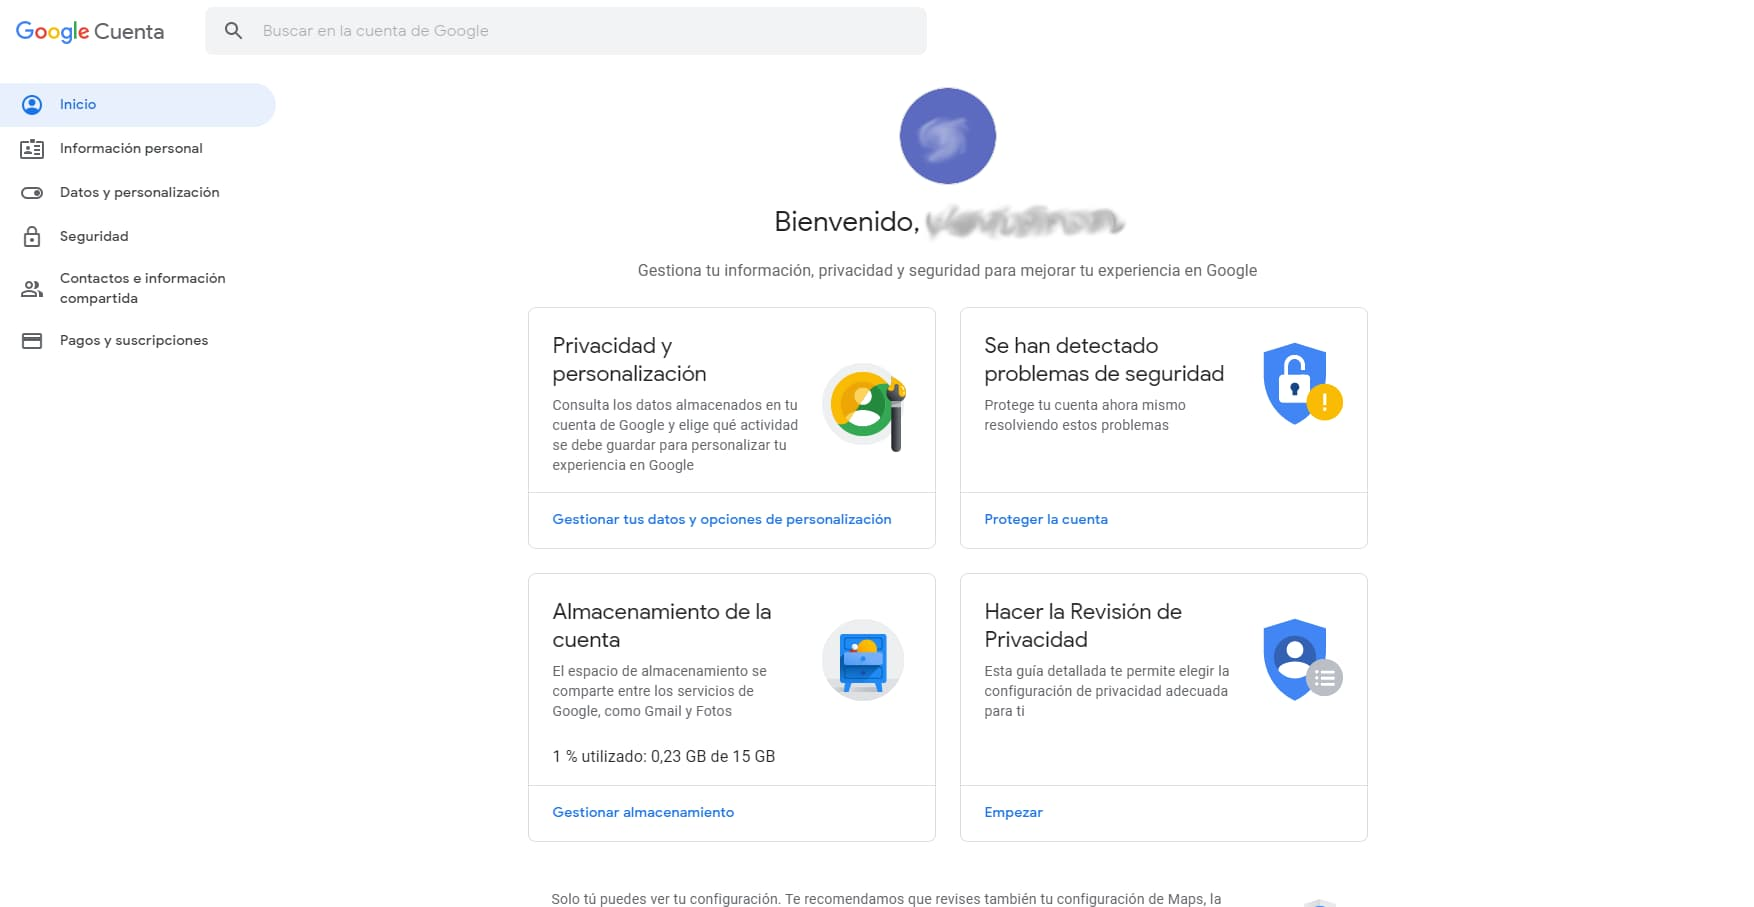 Pantalla opciones cuenta copia de seguridad gmail